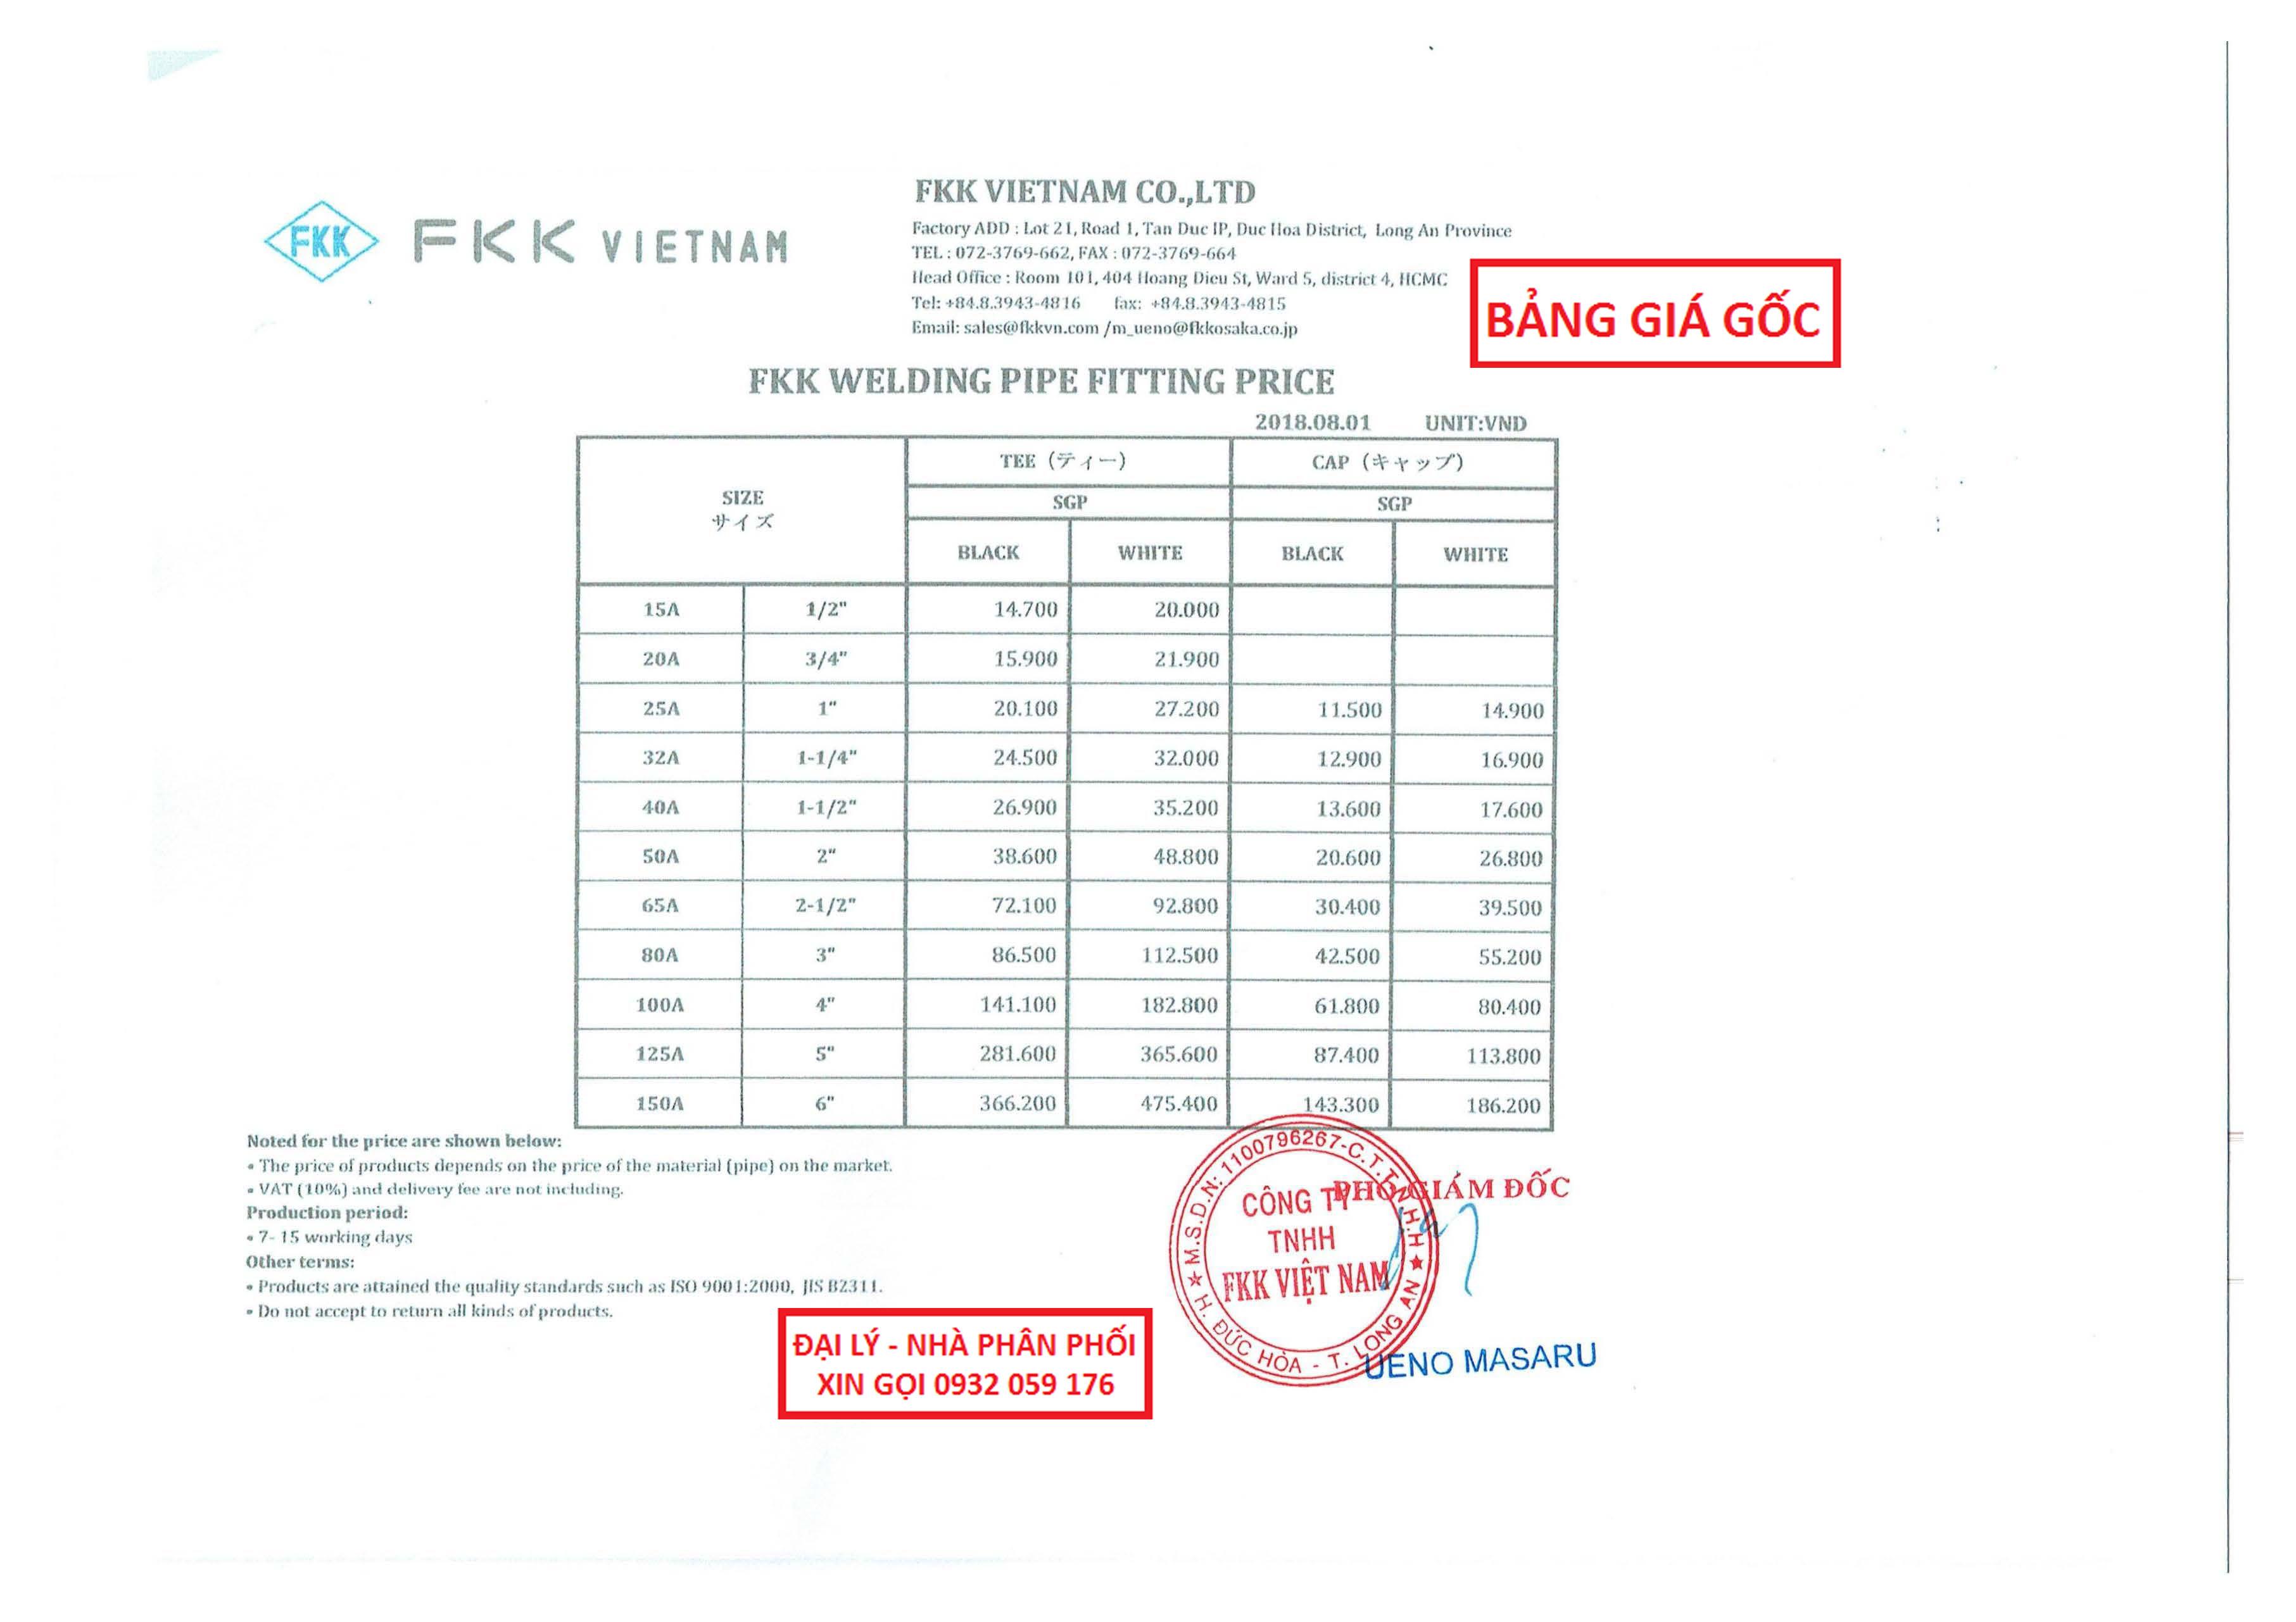 bảng giá phụ kiện fkk mới nhất, phụ kiện fkk